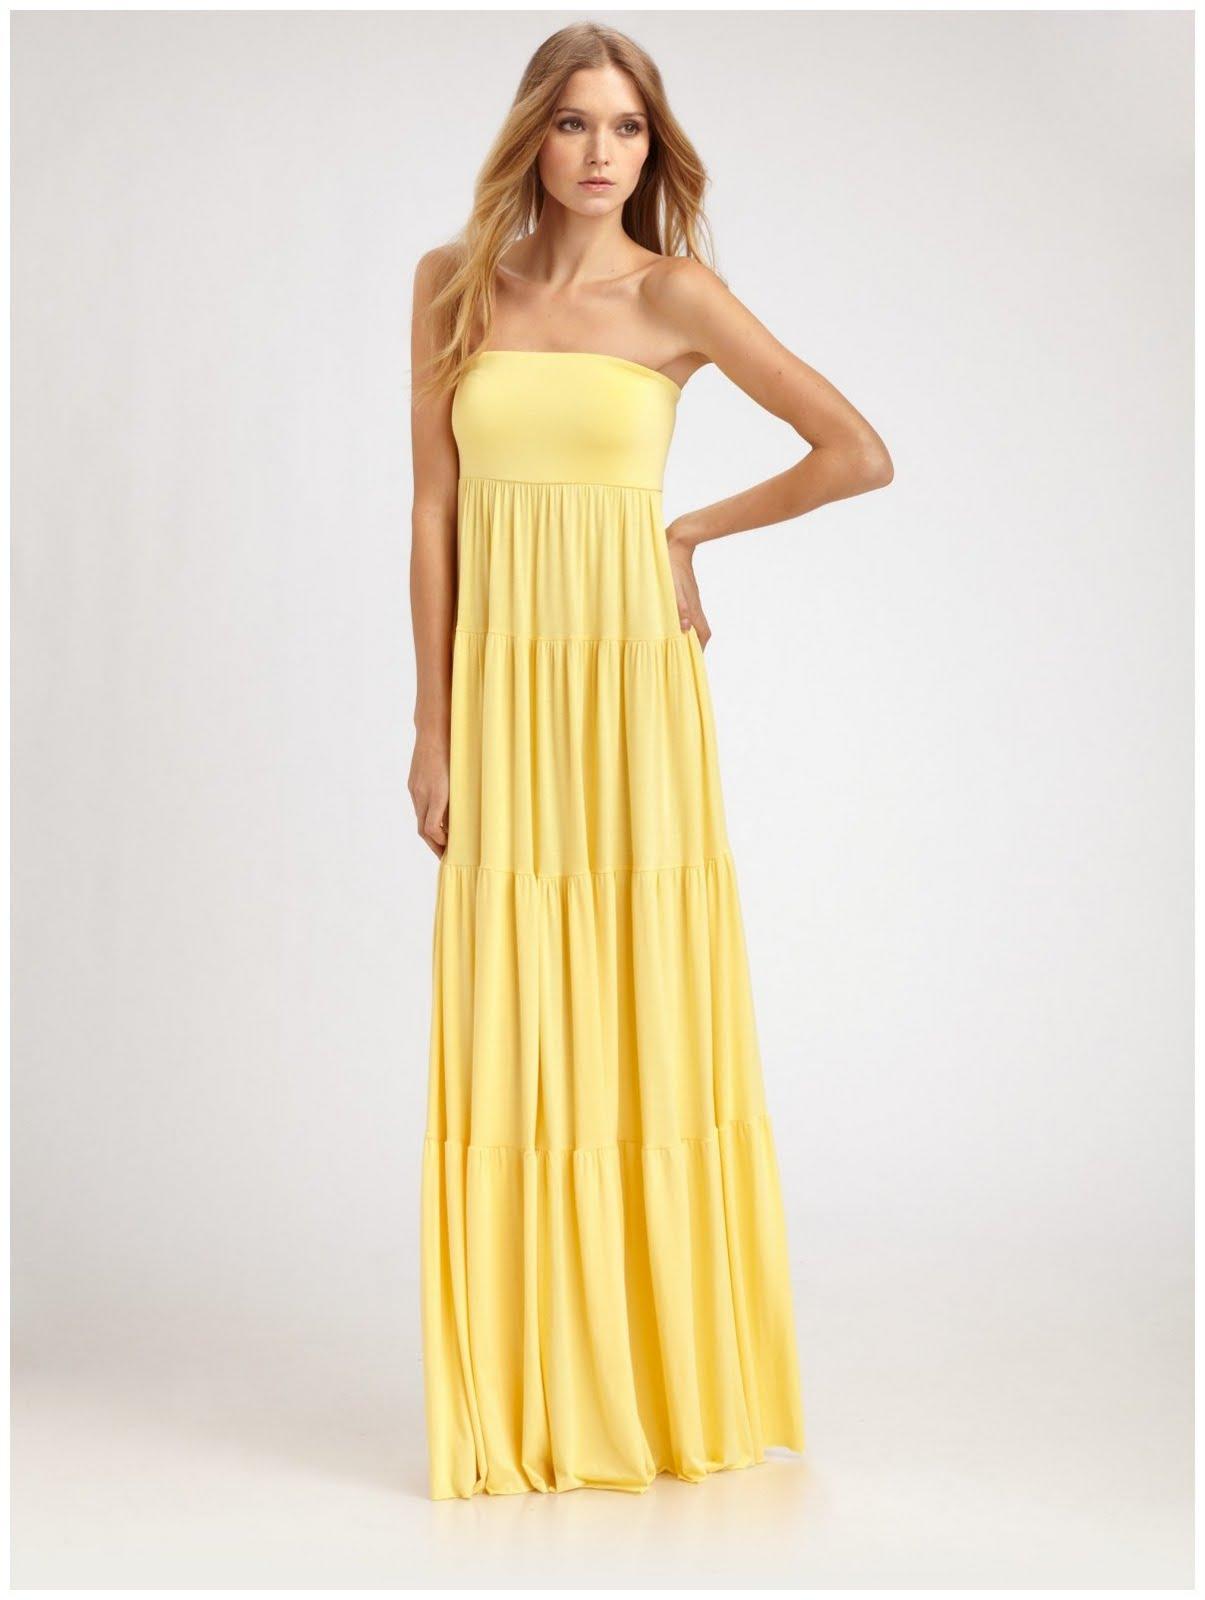 maxi dresses 2011  maxi dressesmaxi dresses for weddingscheap maxi dresses